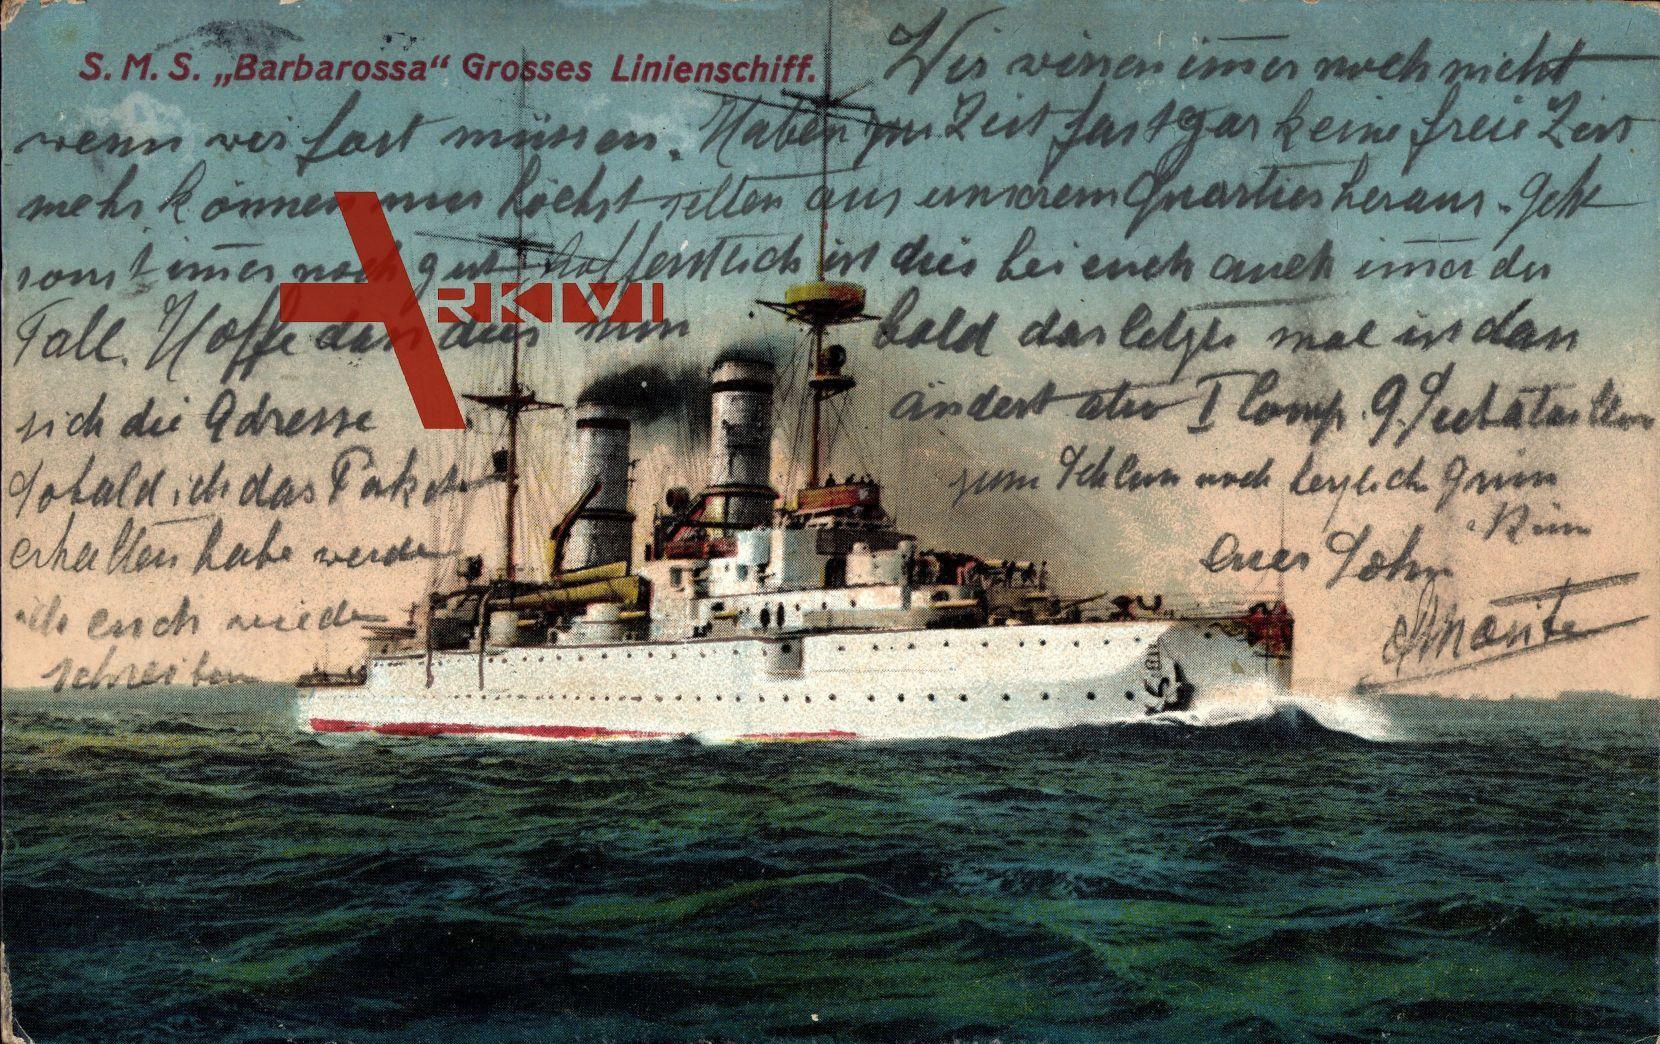 S.M.S. Barbarossa, Großes Linienschiff, Deutsches Kriegsschiff